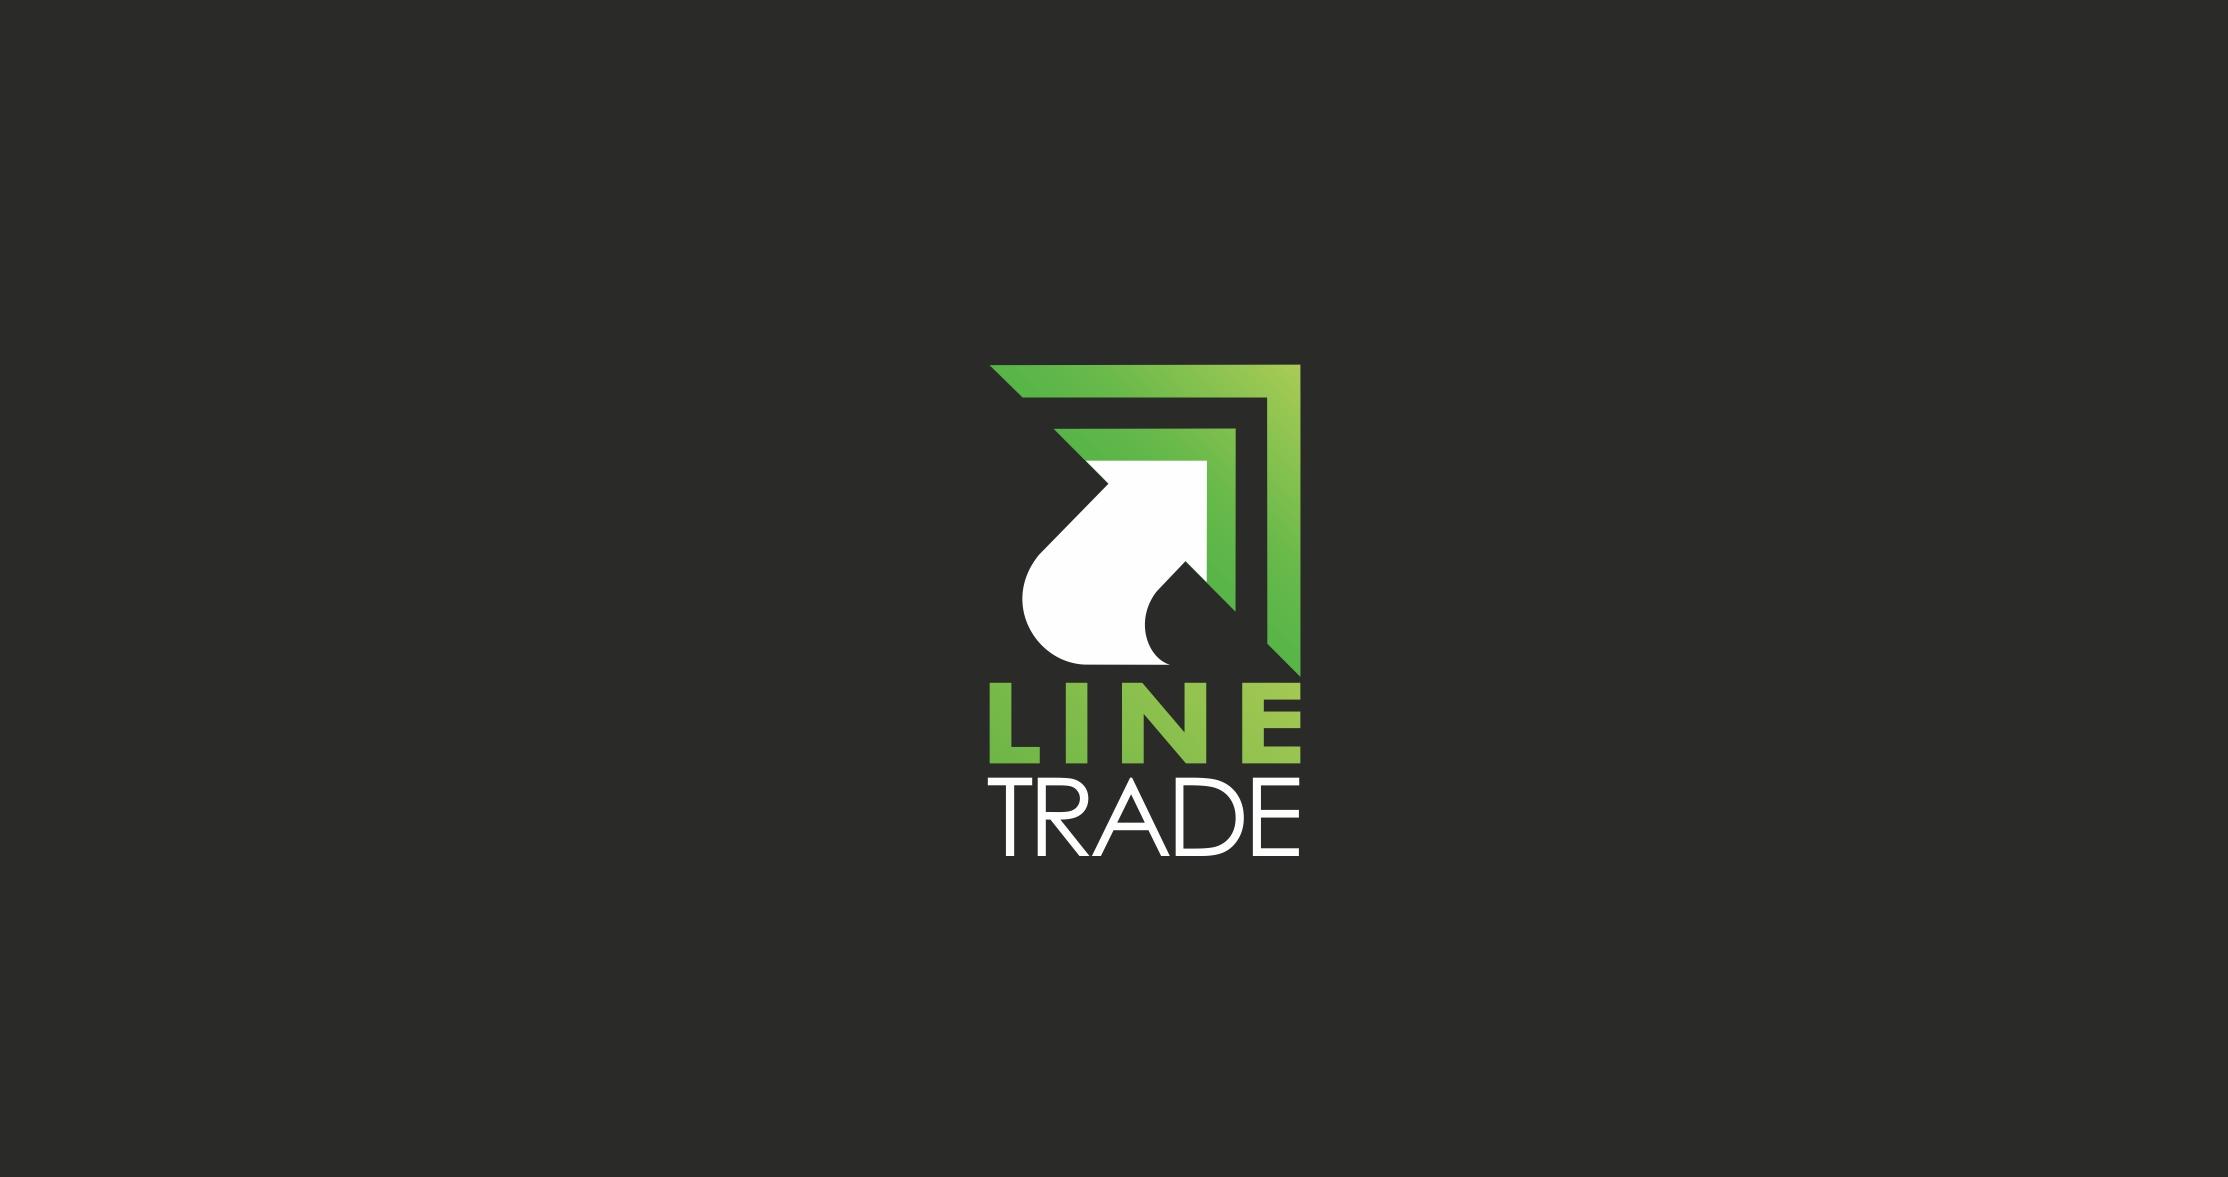 Разработка логотипа компании Line Trade фото f_07350f7e1a2610b1.jpg